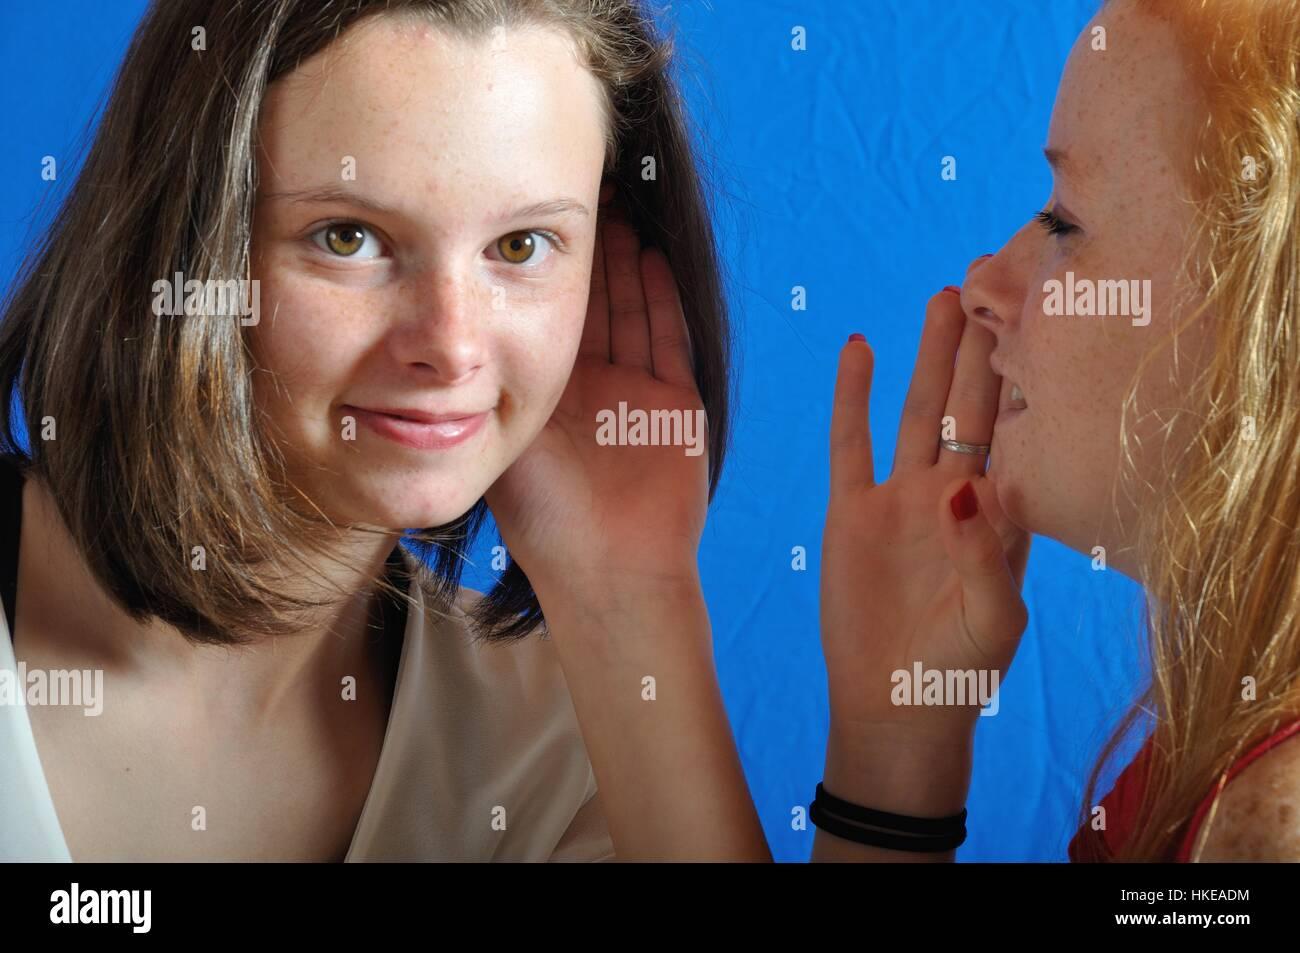 La complicité entre les deux adolescents Photo Stock